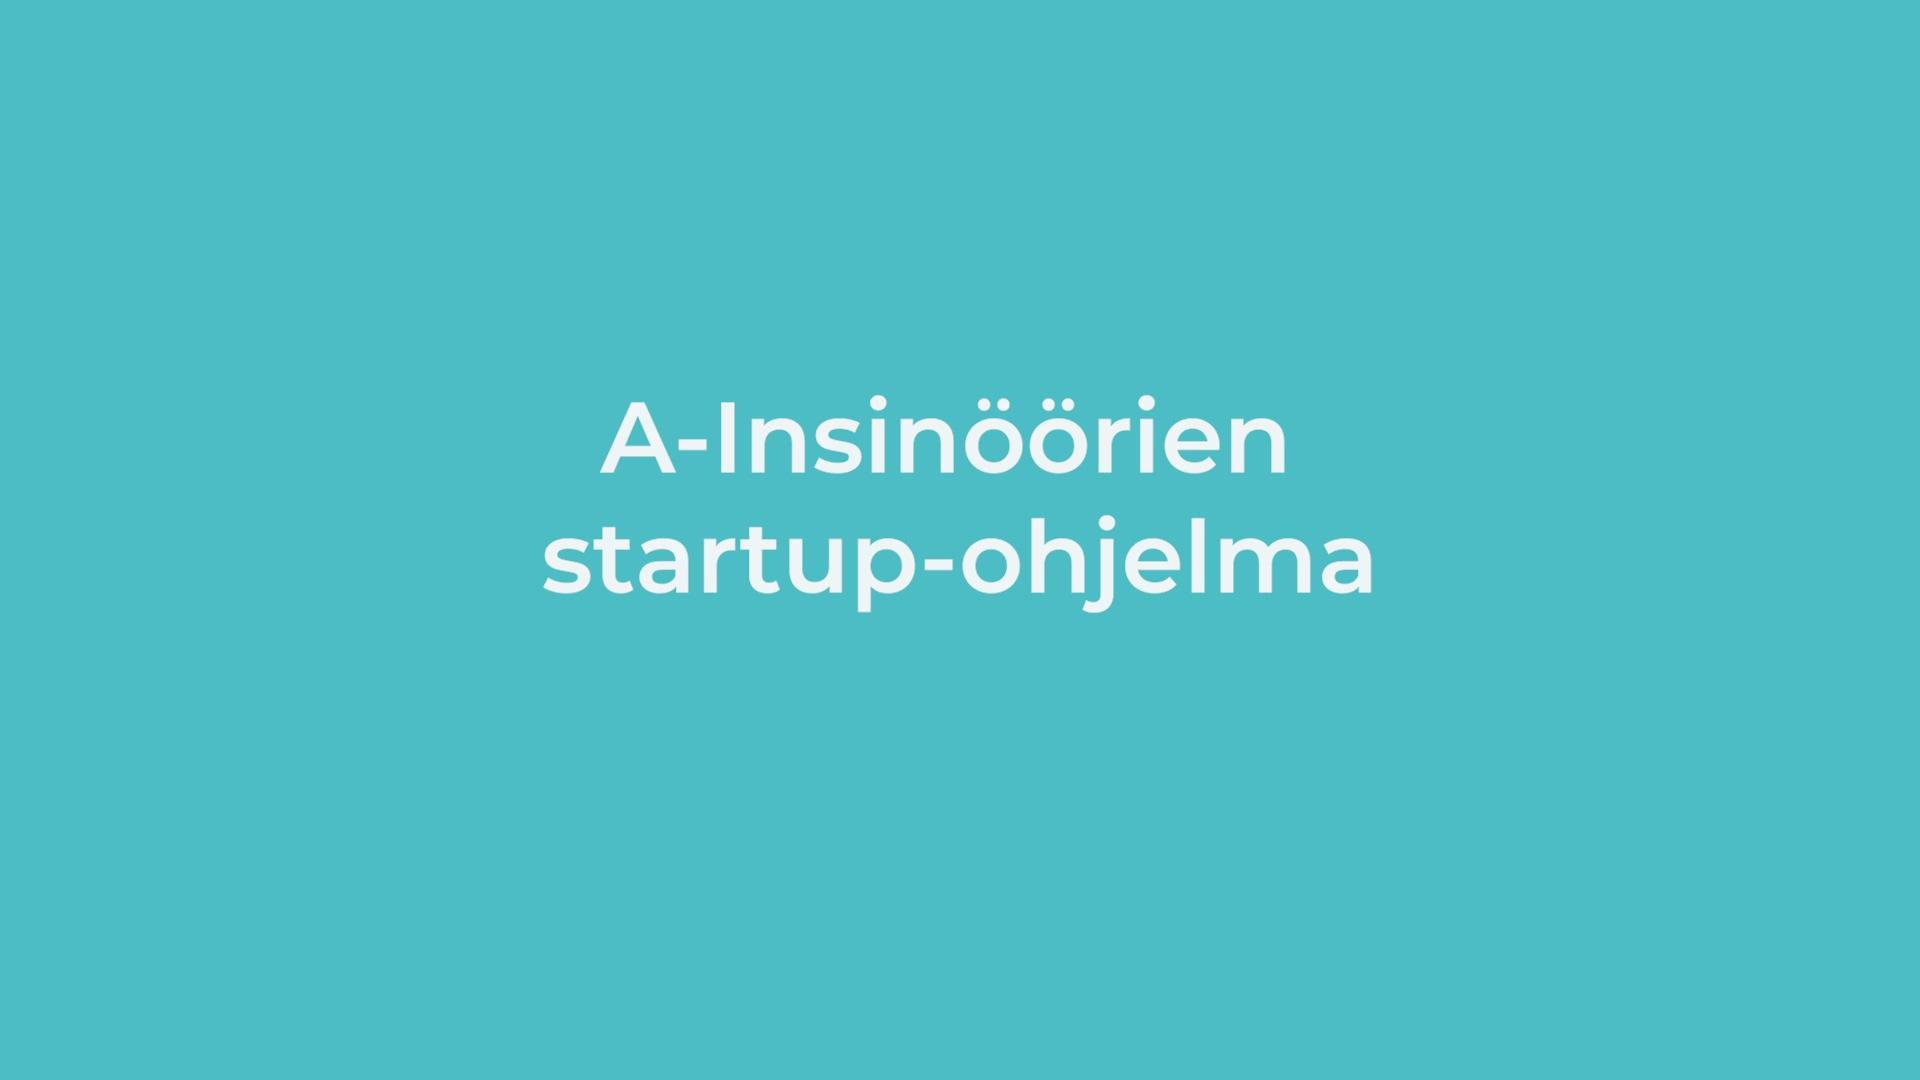 A-Insinöörit_Leijonan luola 300320_Startup-ohjelma